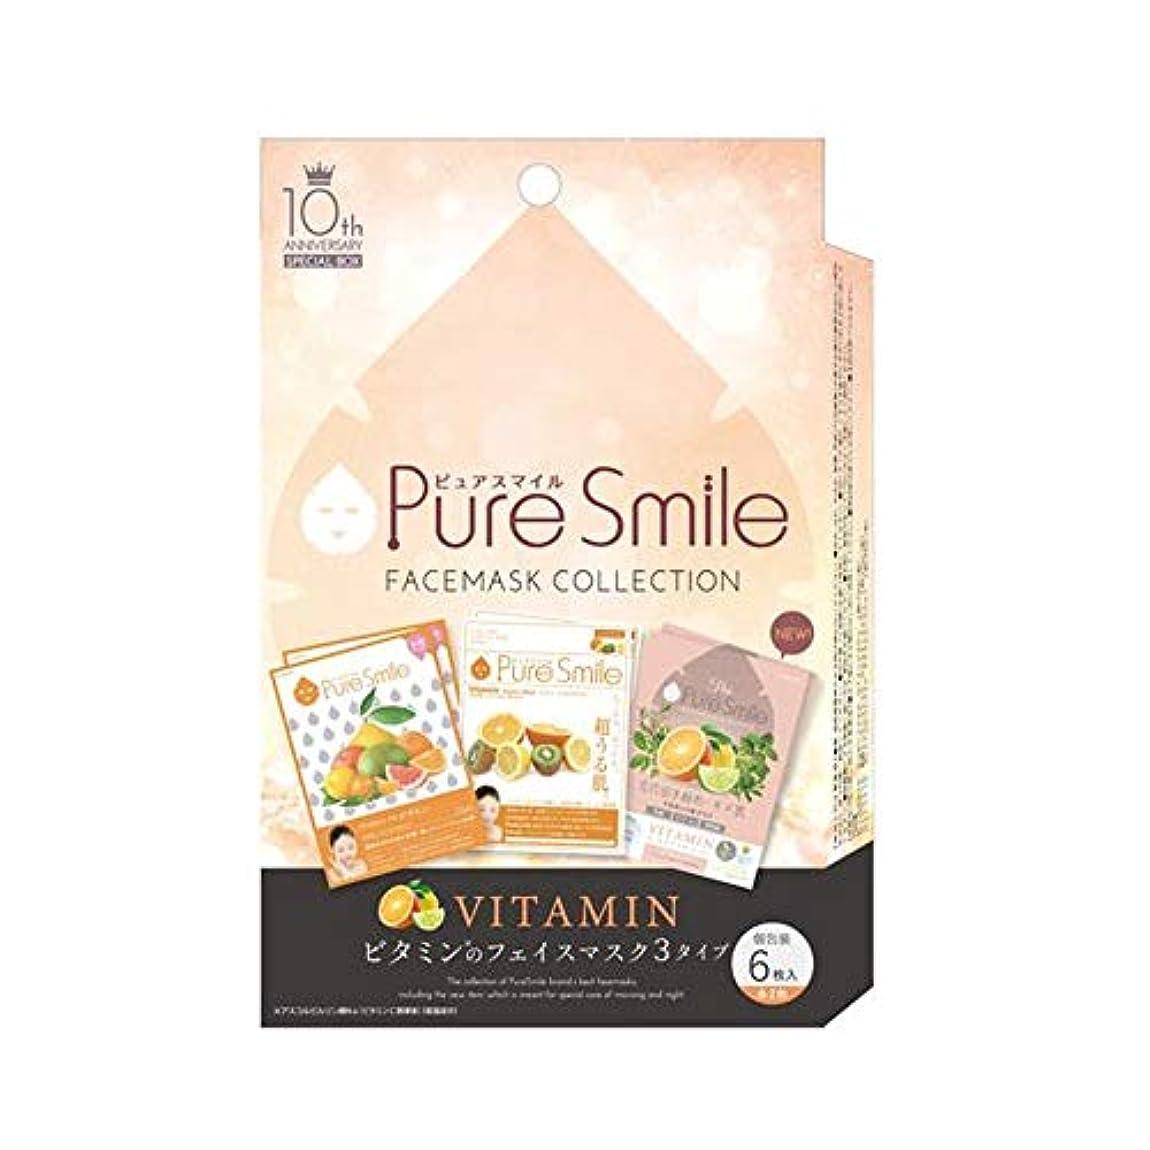 絶対に信号ブレークピュア スマイル Pure Smile 10thアニバーサリー スペシャルボックス ビタミン 6枚入り